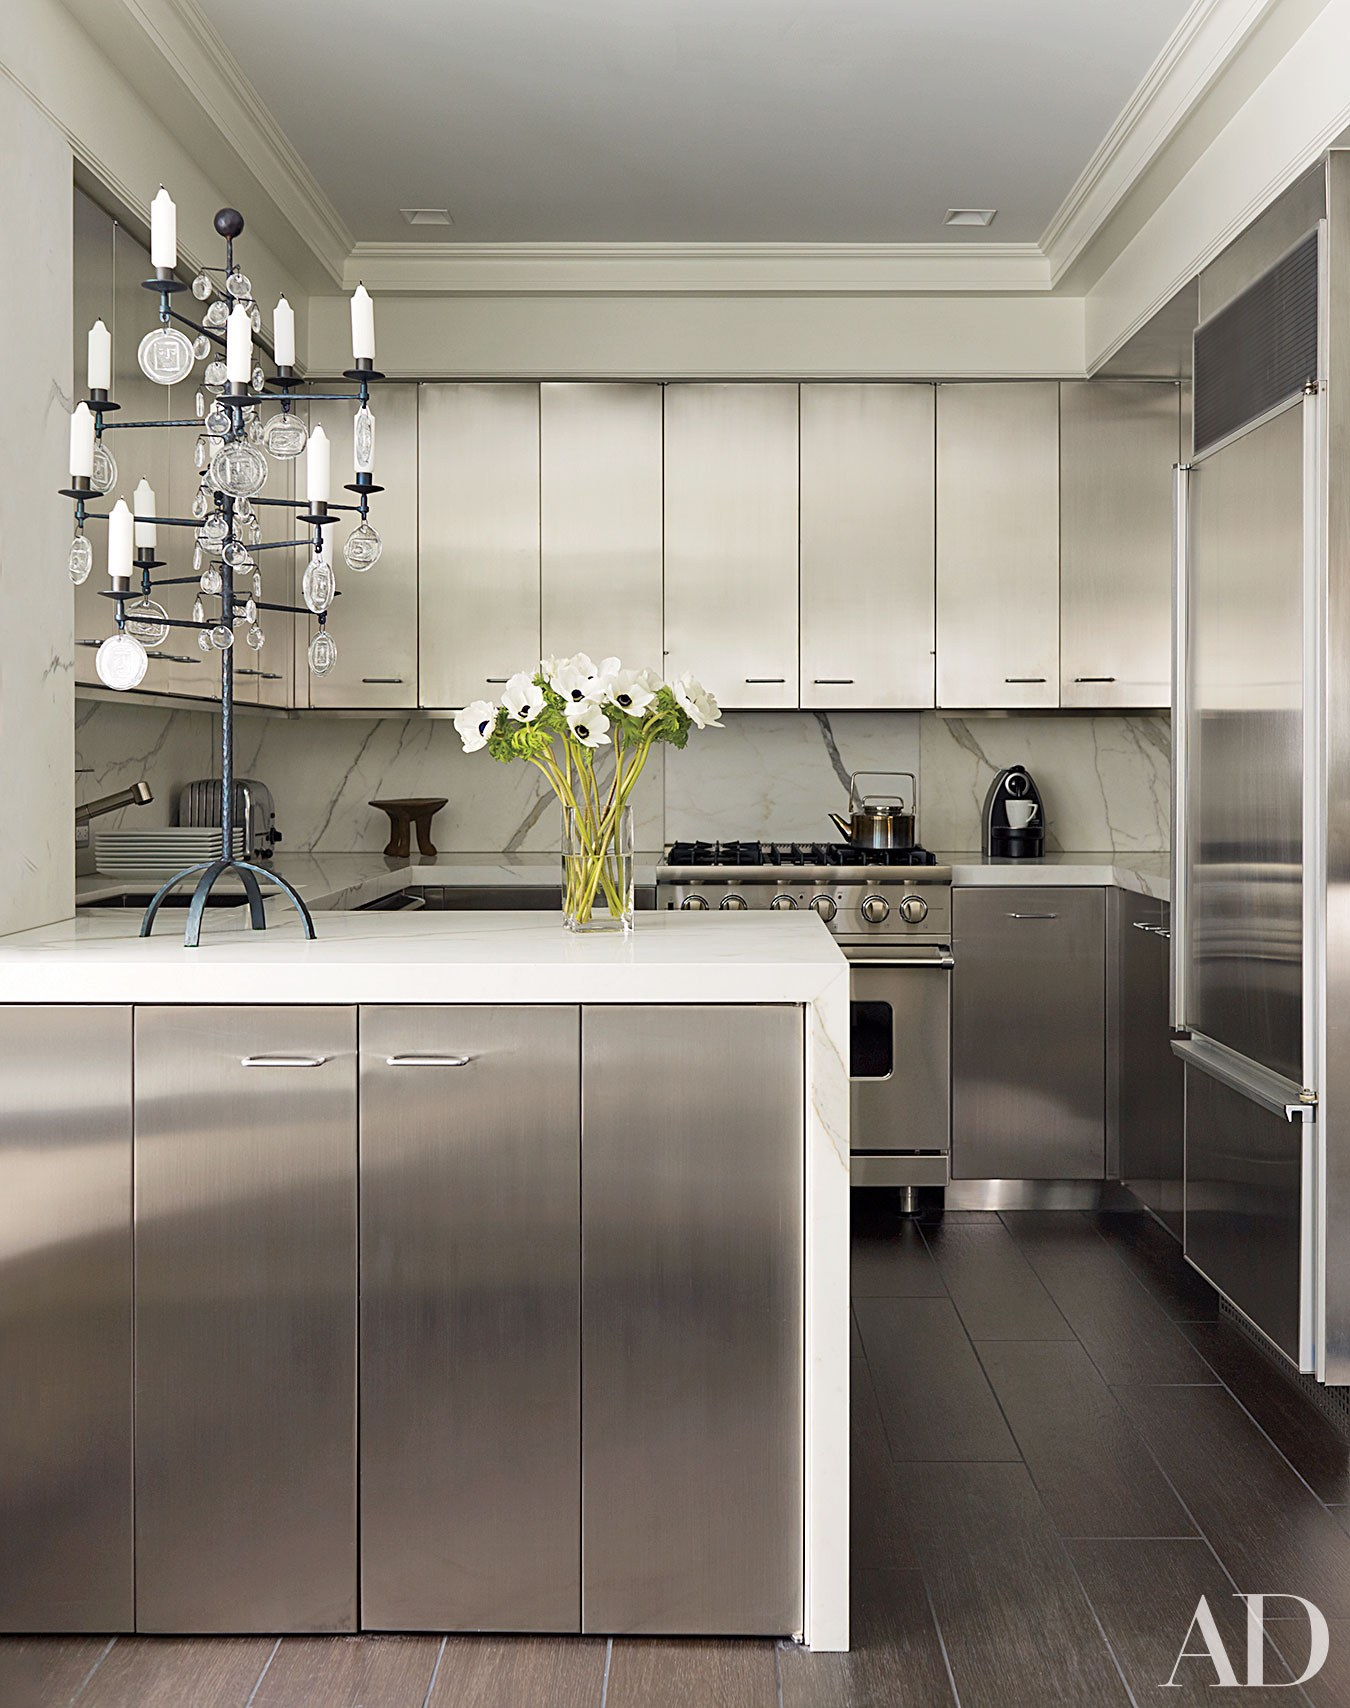 david-kleinberg-kitchen-1.jpg